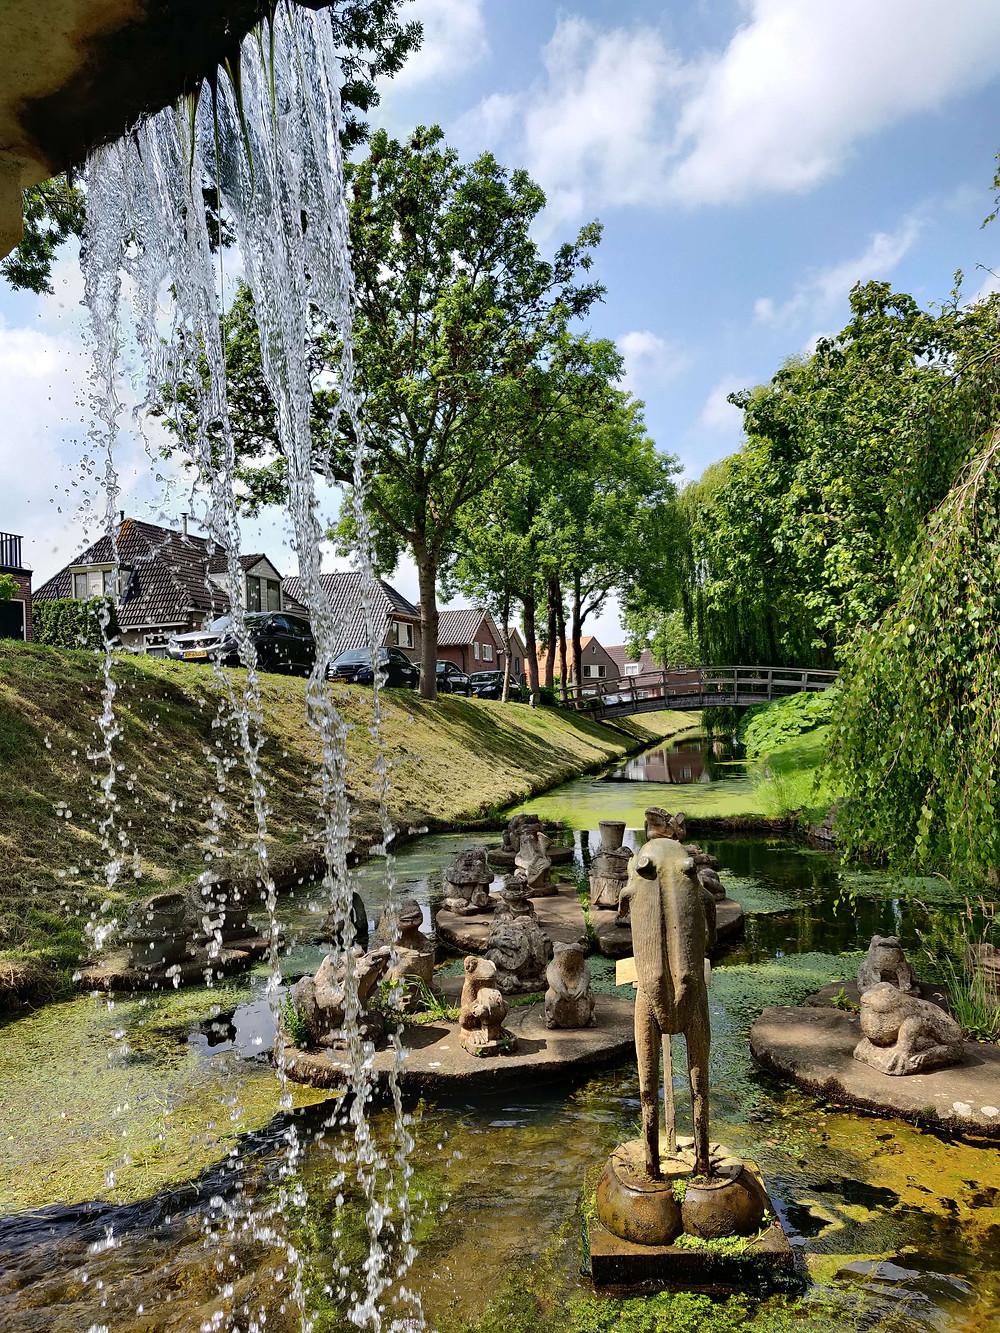 פסל של מקהלת צפרדעים בתעלת העיר